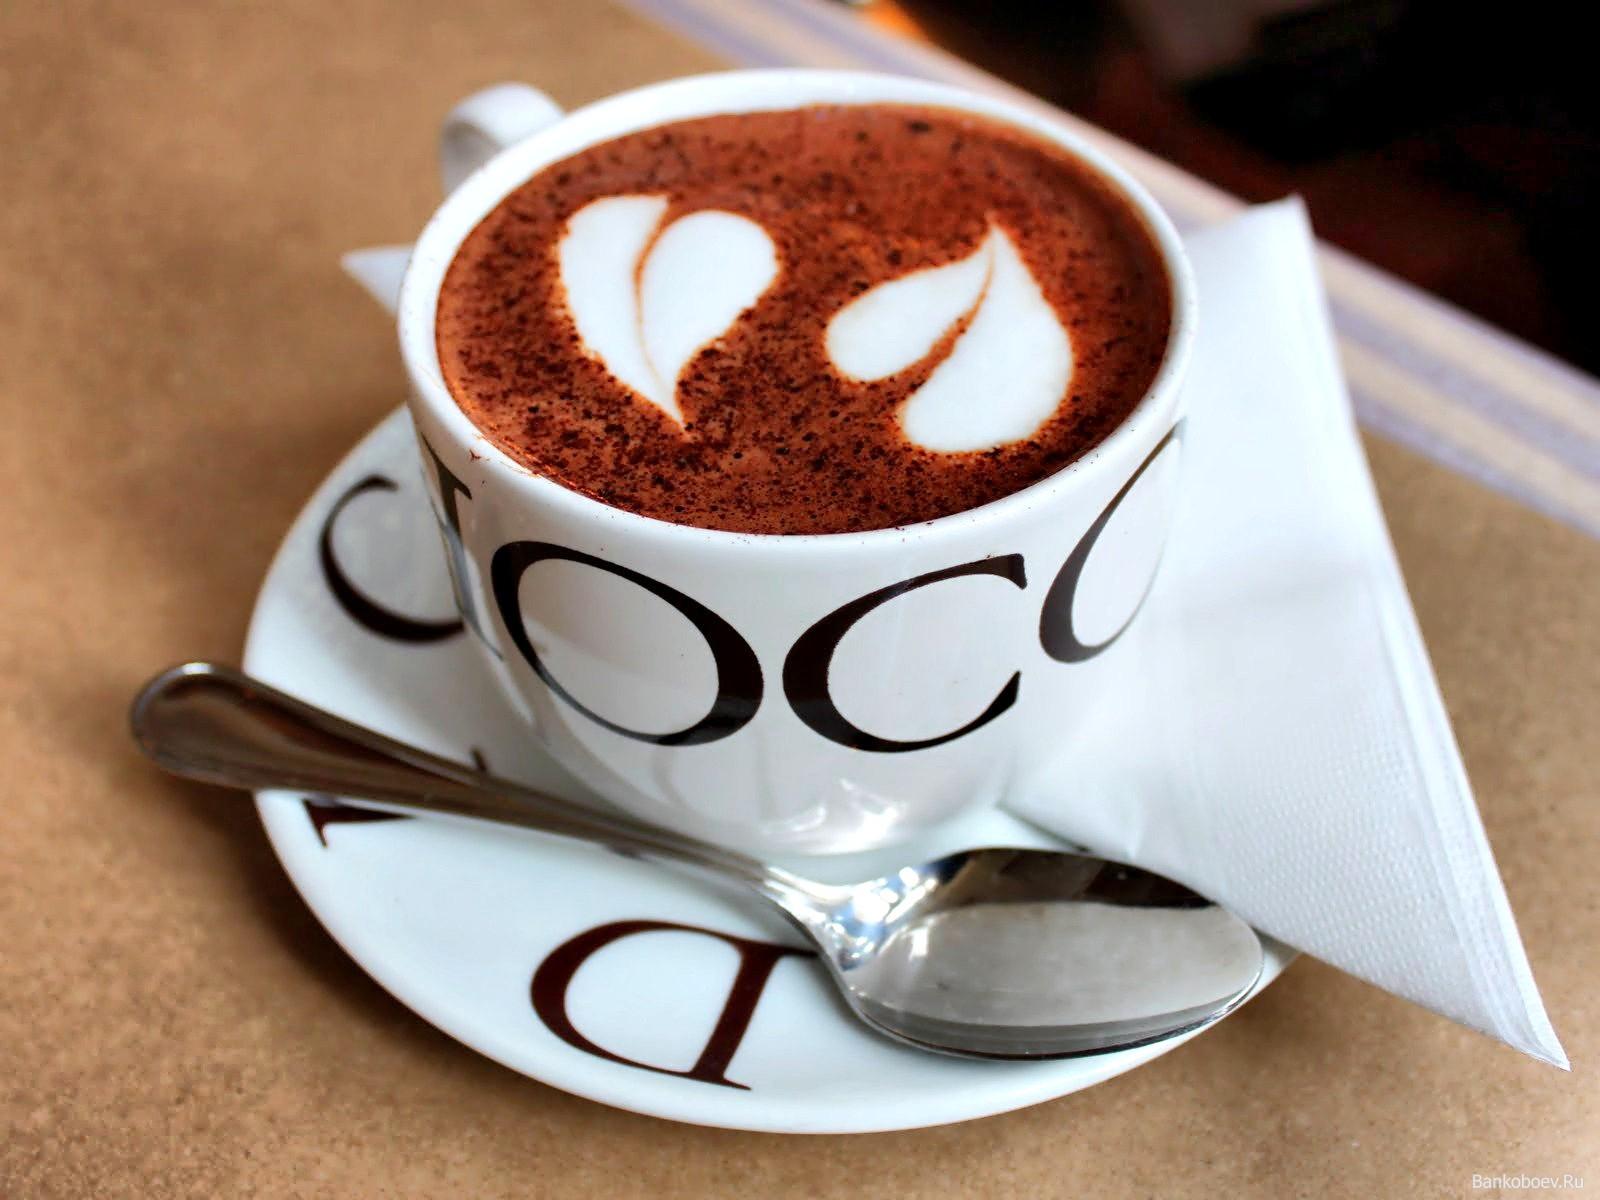 nhung-hinh-nen-ly-cafe-dep-ve-tinh-yeu-ngot-ngao-va-lang-man-nhat-14